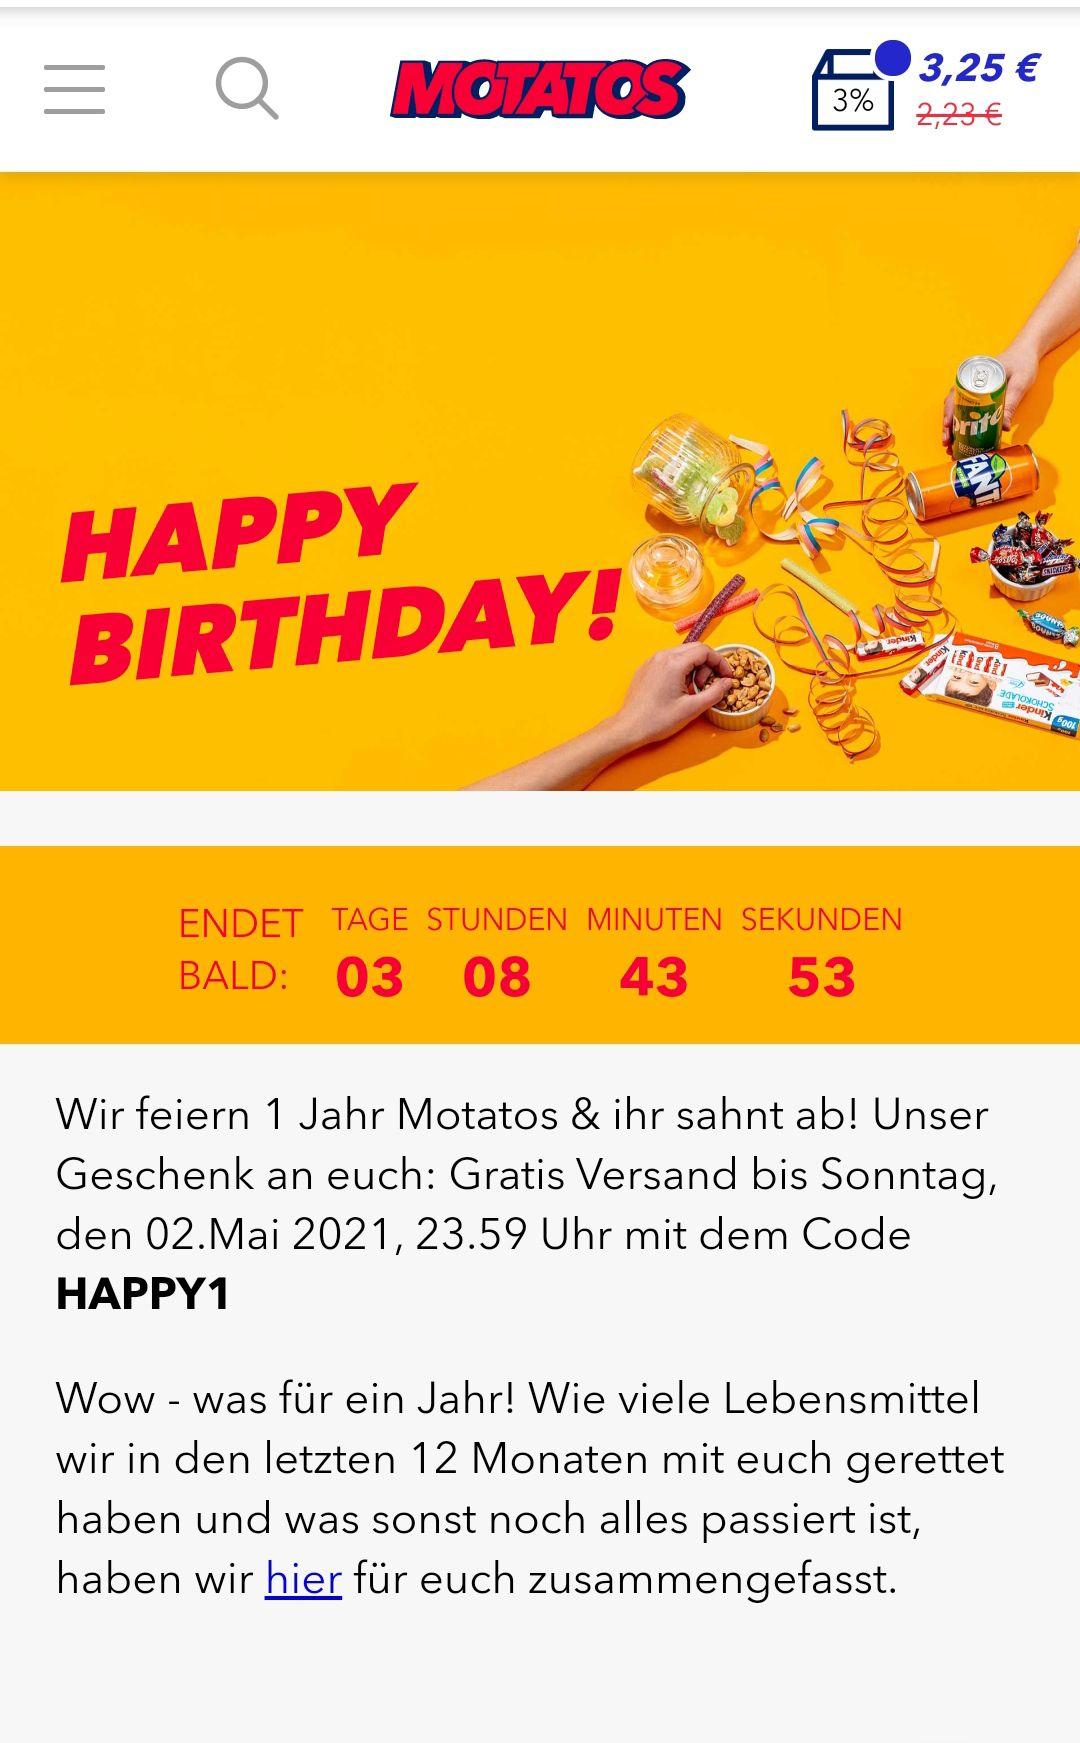 Kostenloser Versand bei Motatos.de, genereller MBW von 25€